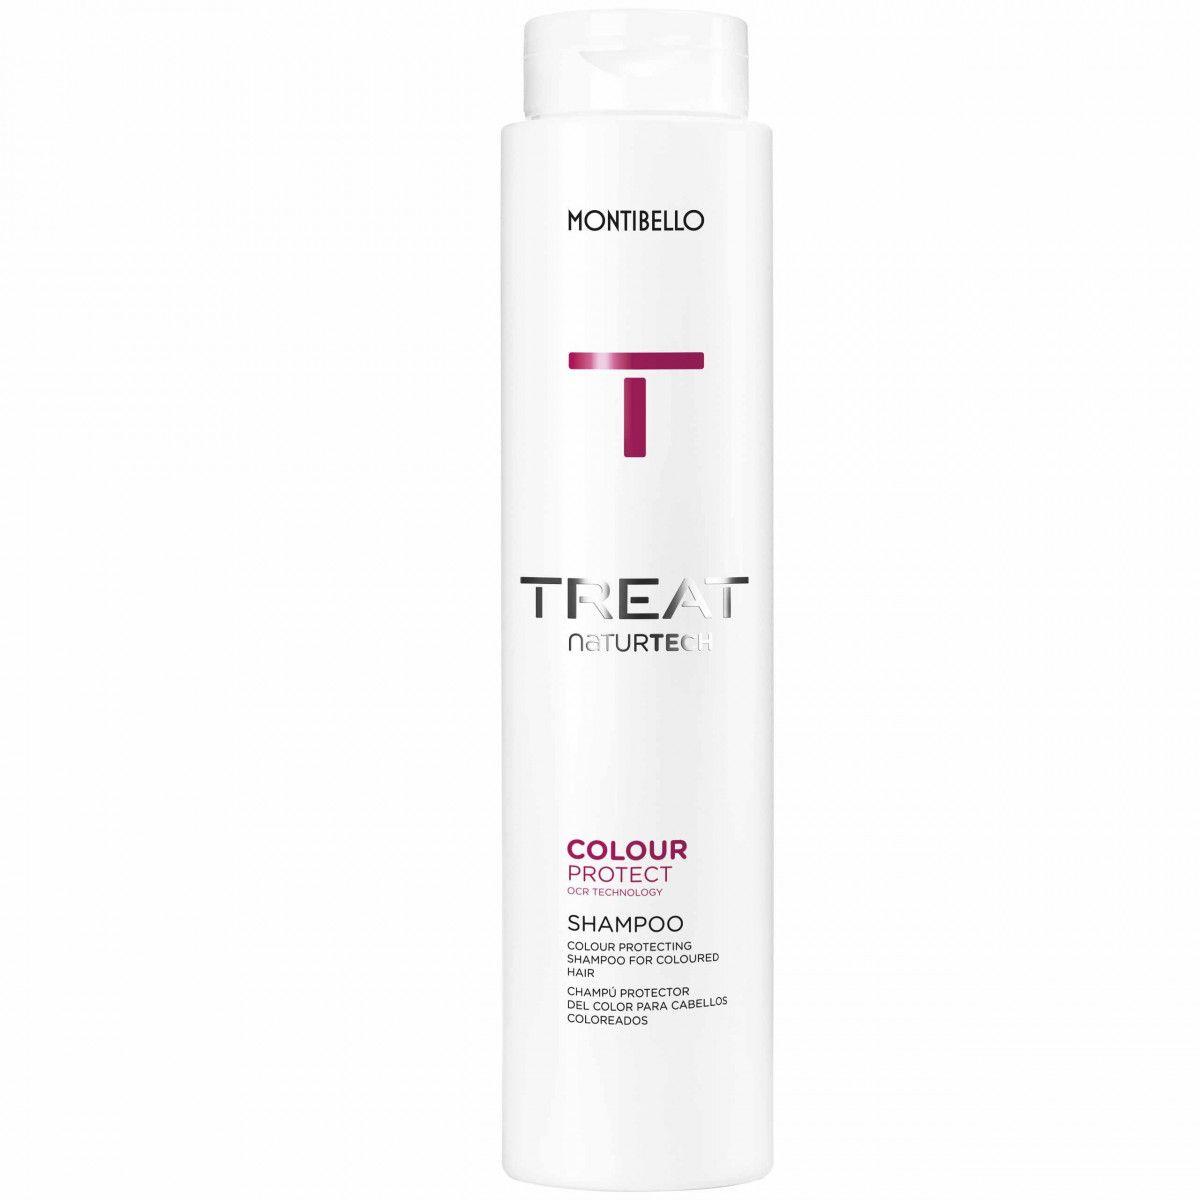 Montibello Colour Protect szampon odżywiający, chroni kolor, zabezpiecza przed UV 300ml